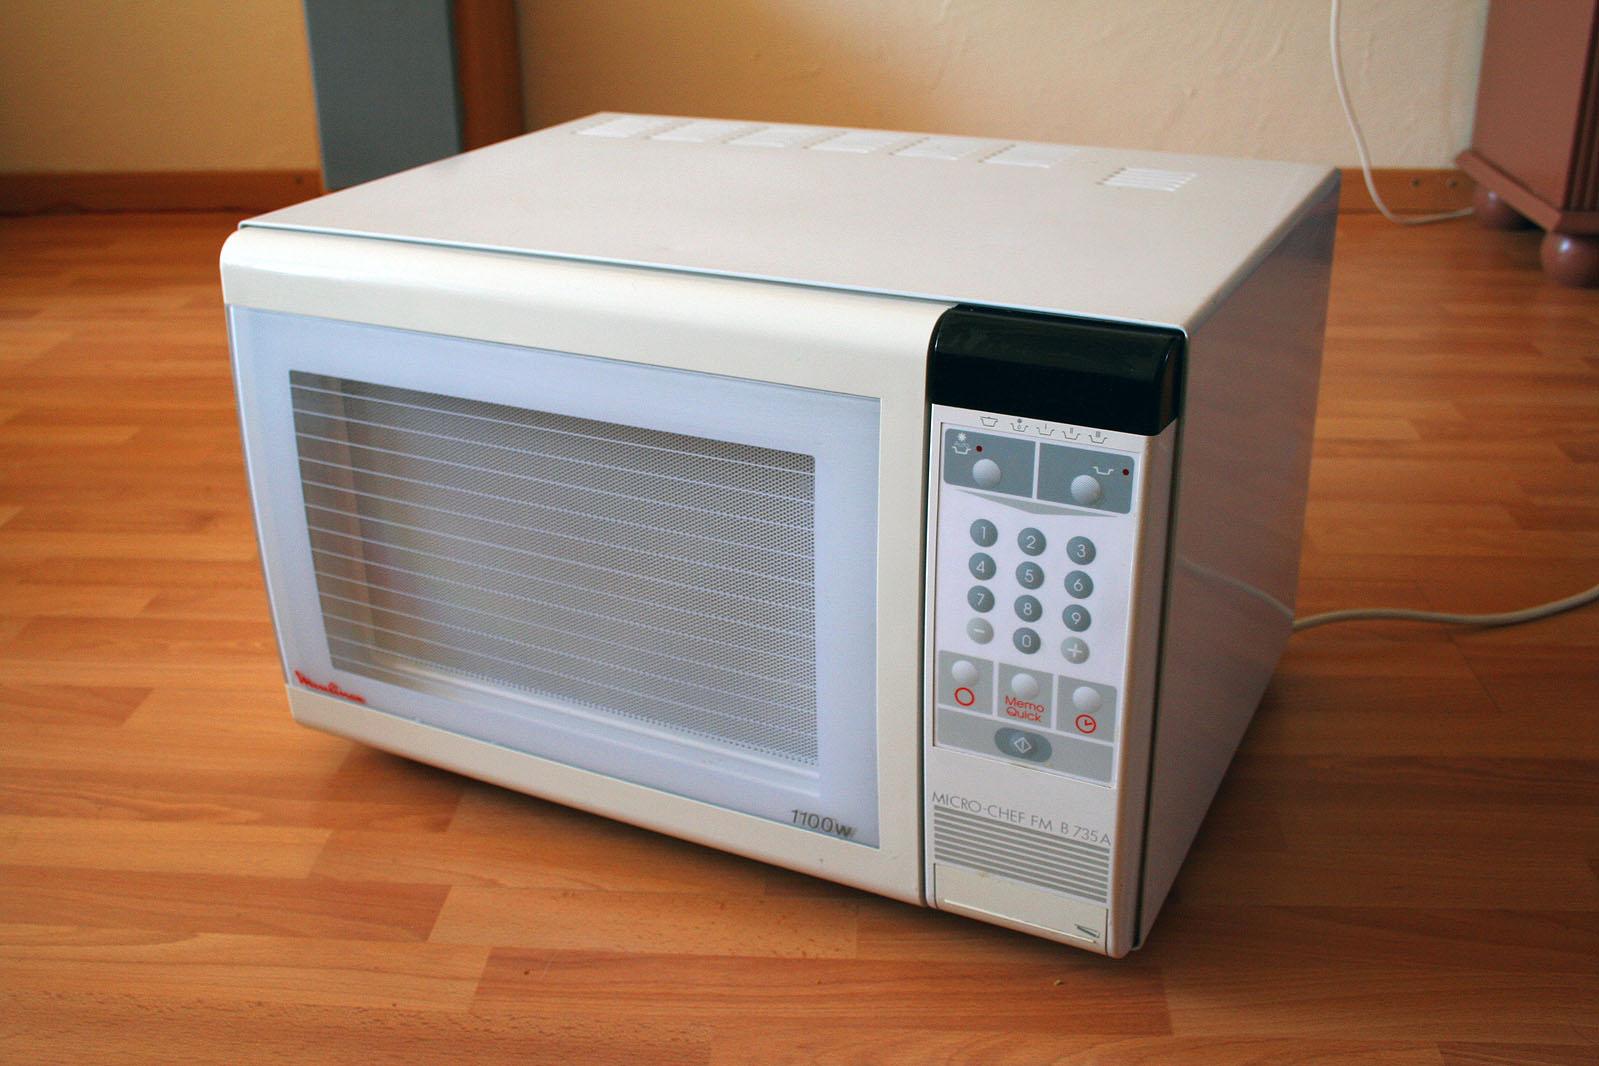 Alimentos cozidos em forno de micro-ondas provocam câncer?